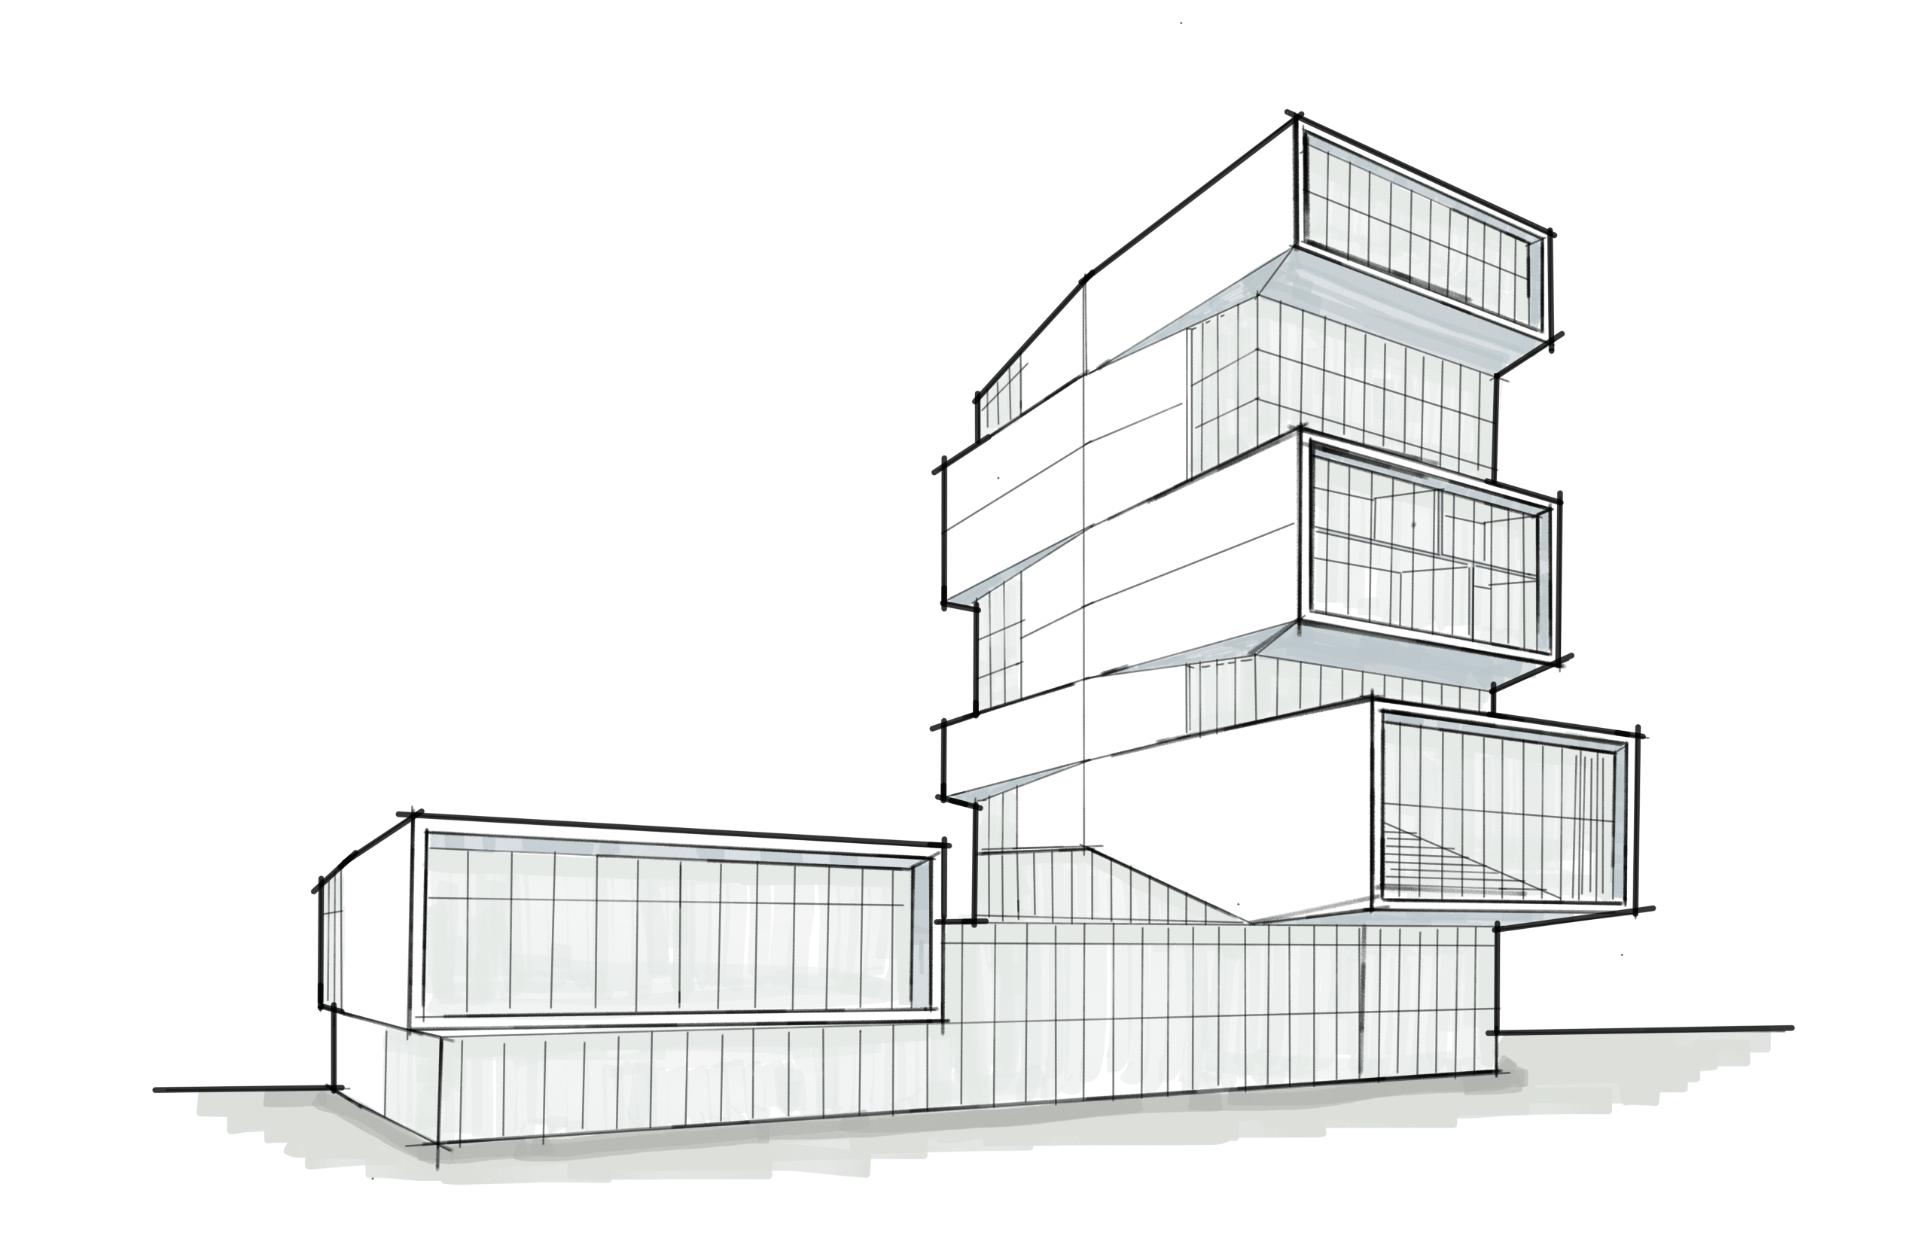 A sketch rendering of the David Rubenstein Forum design.